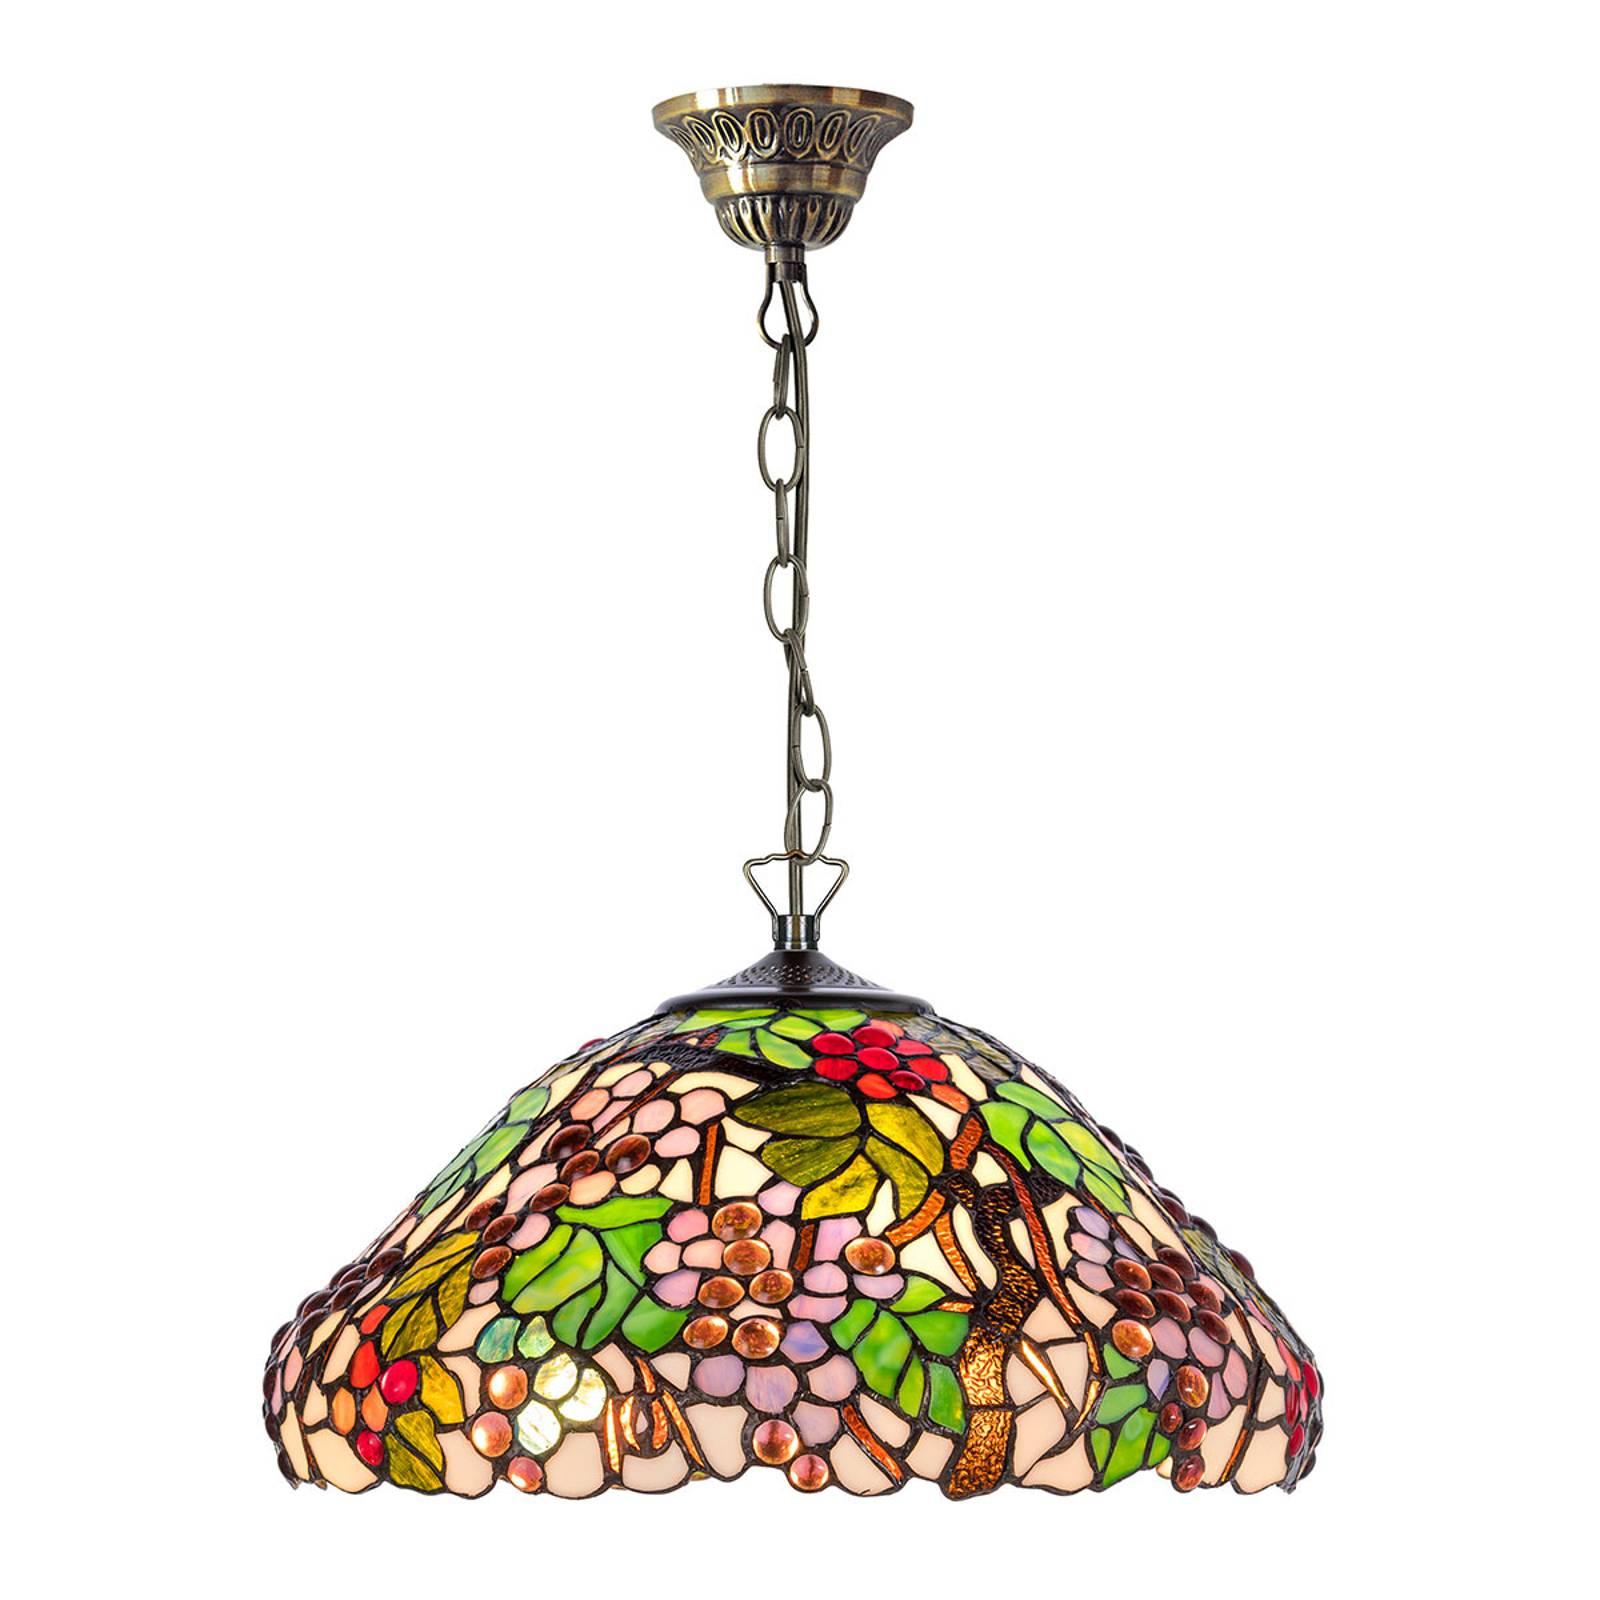 Lampa wisząca KT9810+C2 w stylu Tiffany